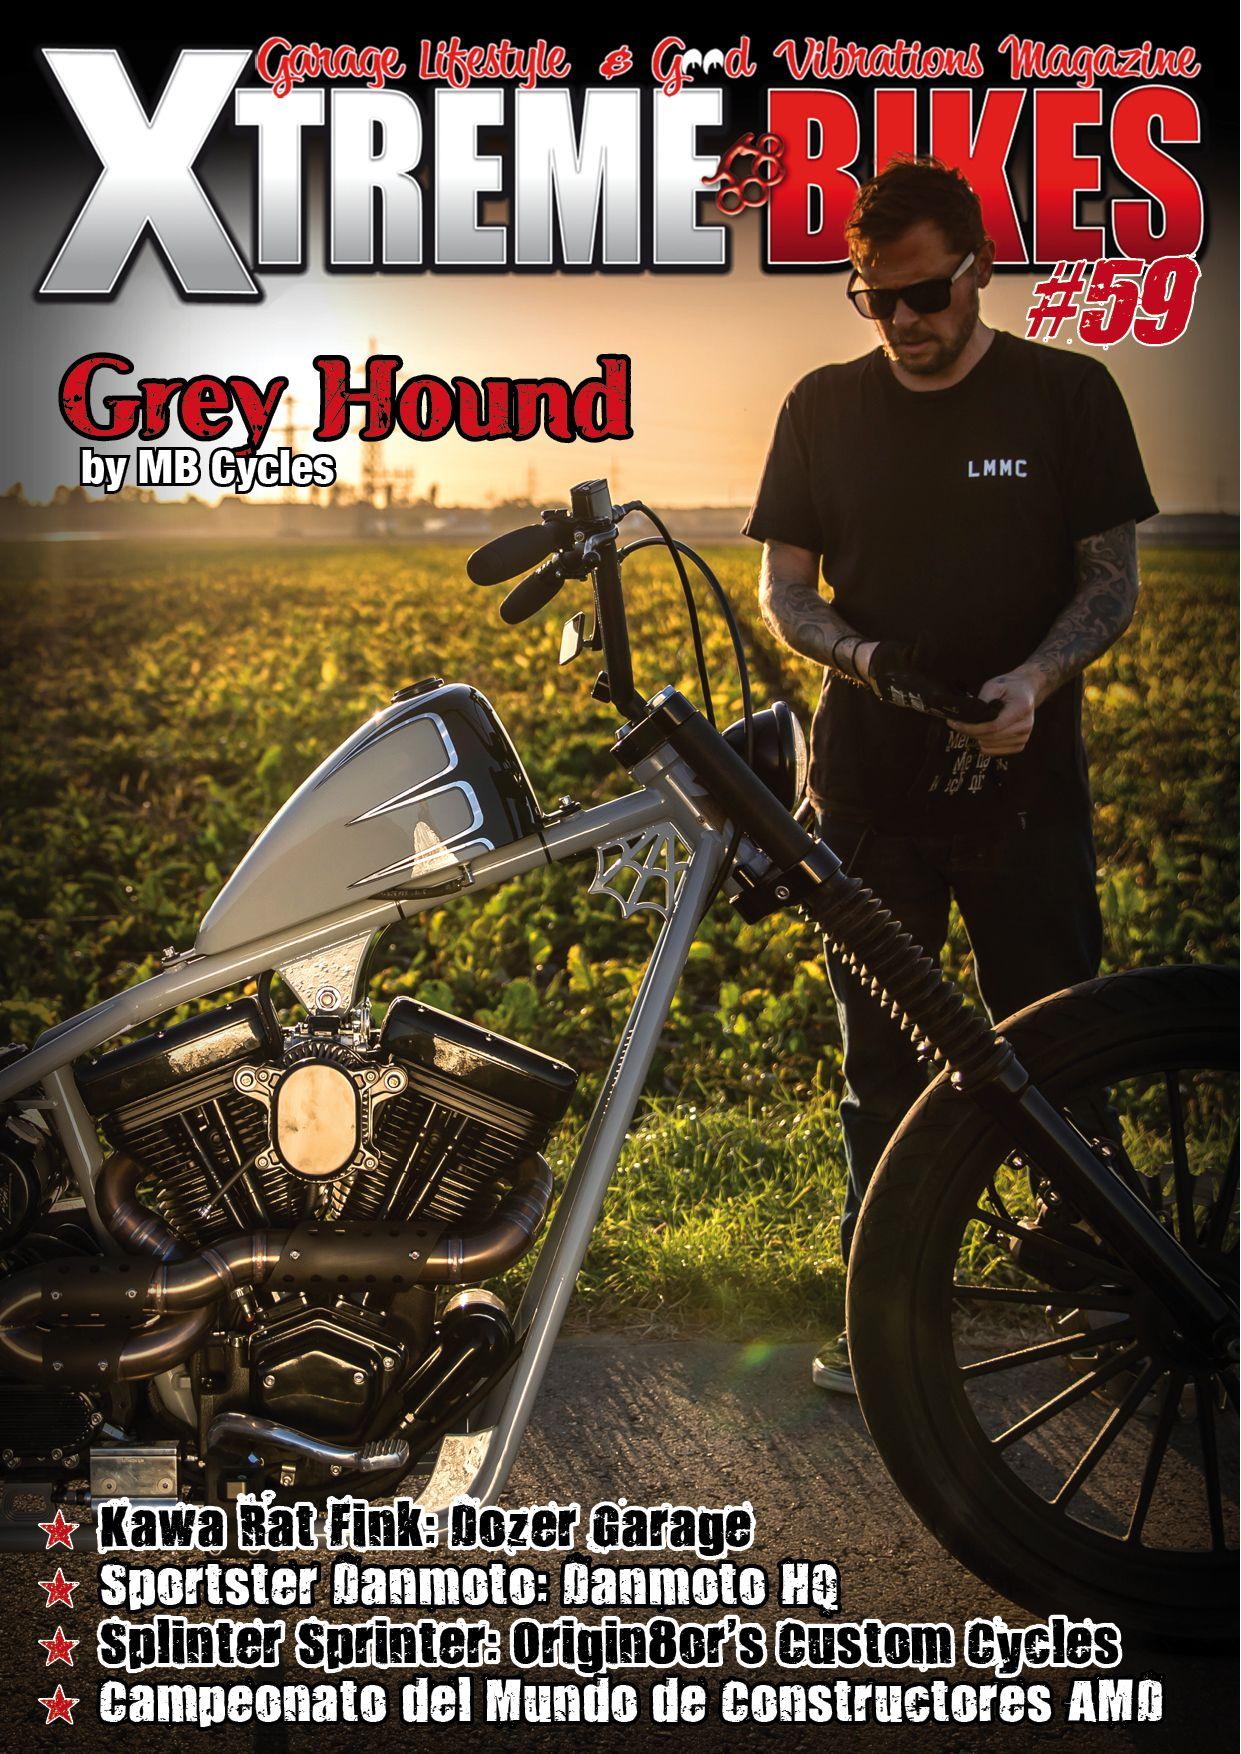 Xtreme Bikes #59